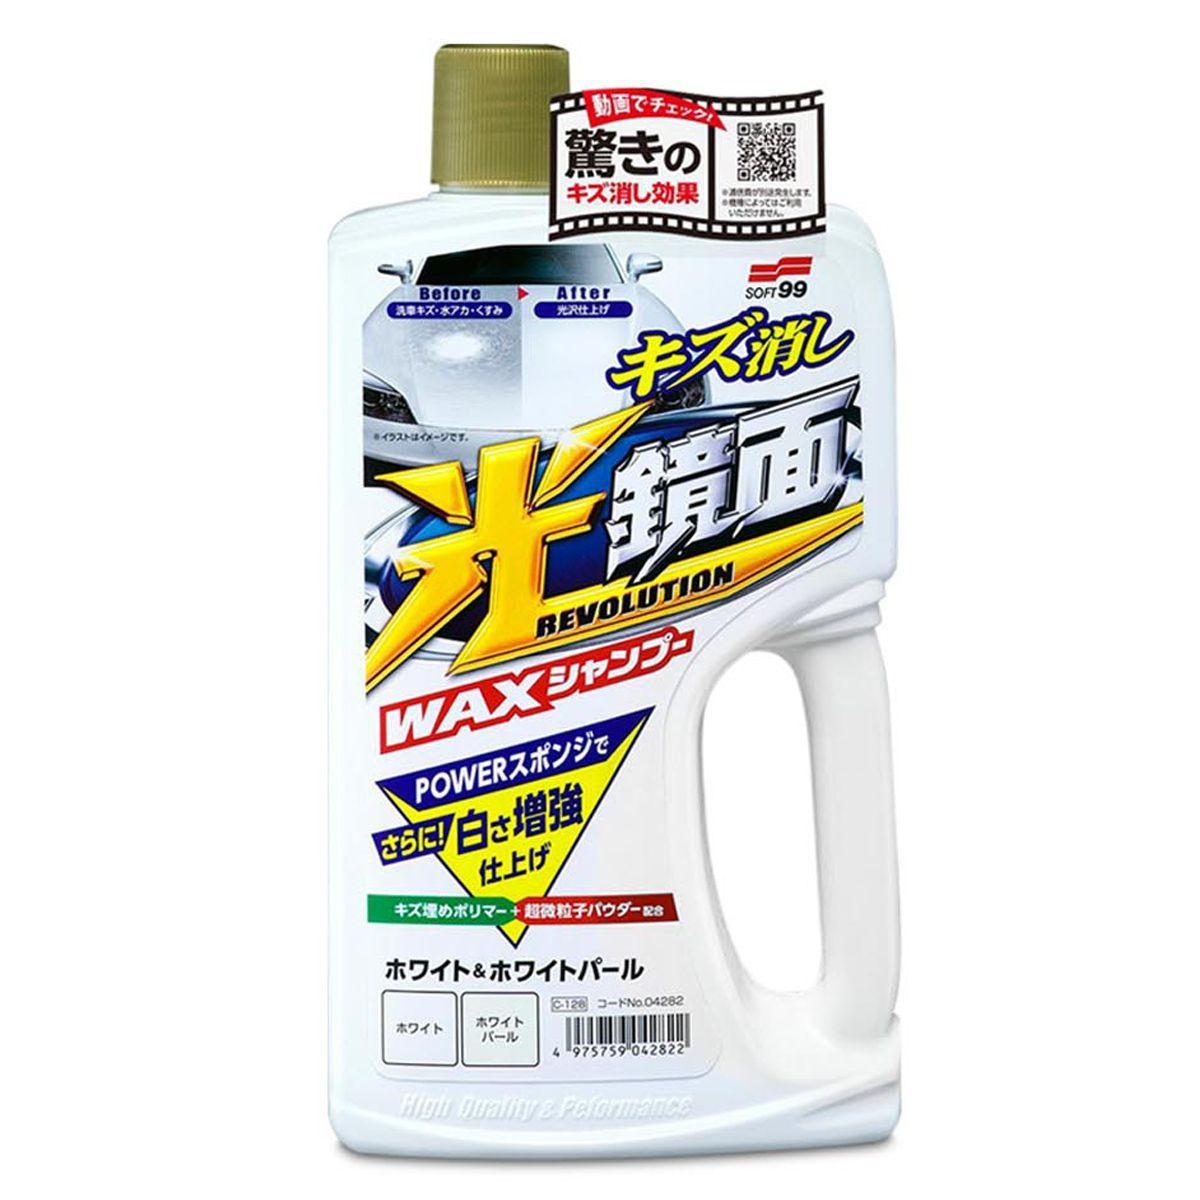 Kit Shampoo Neutro Cleaner+Shampoo com Cera White Gloss Soft99